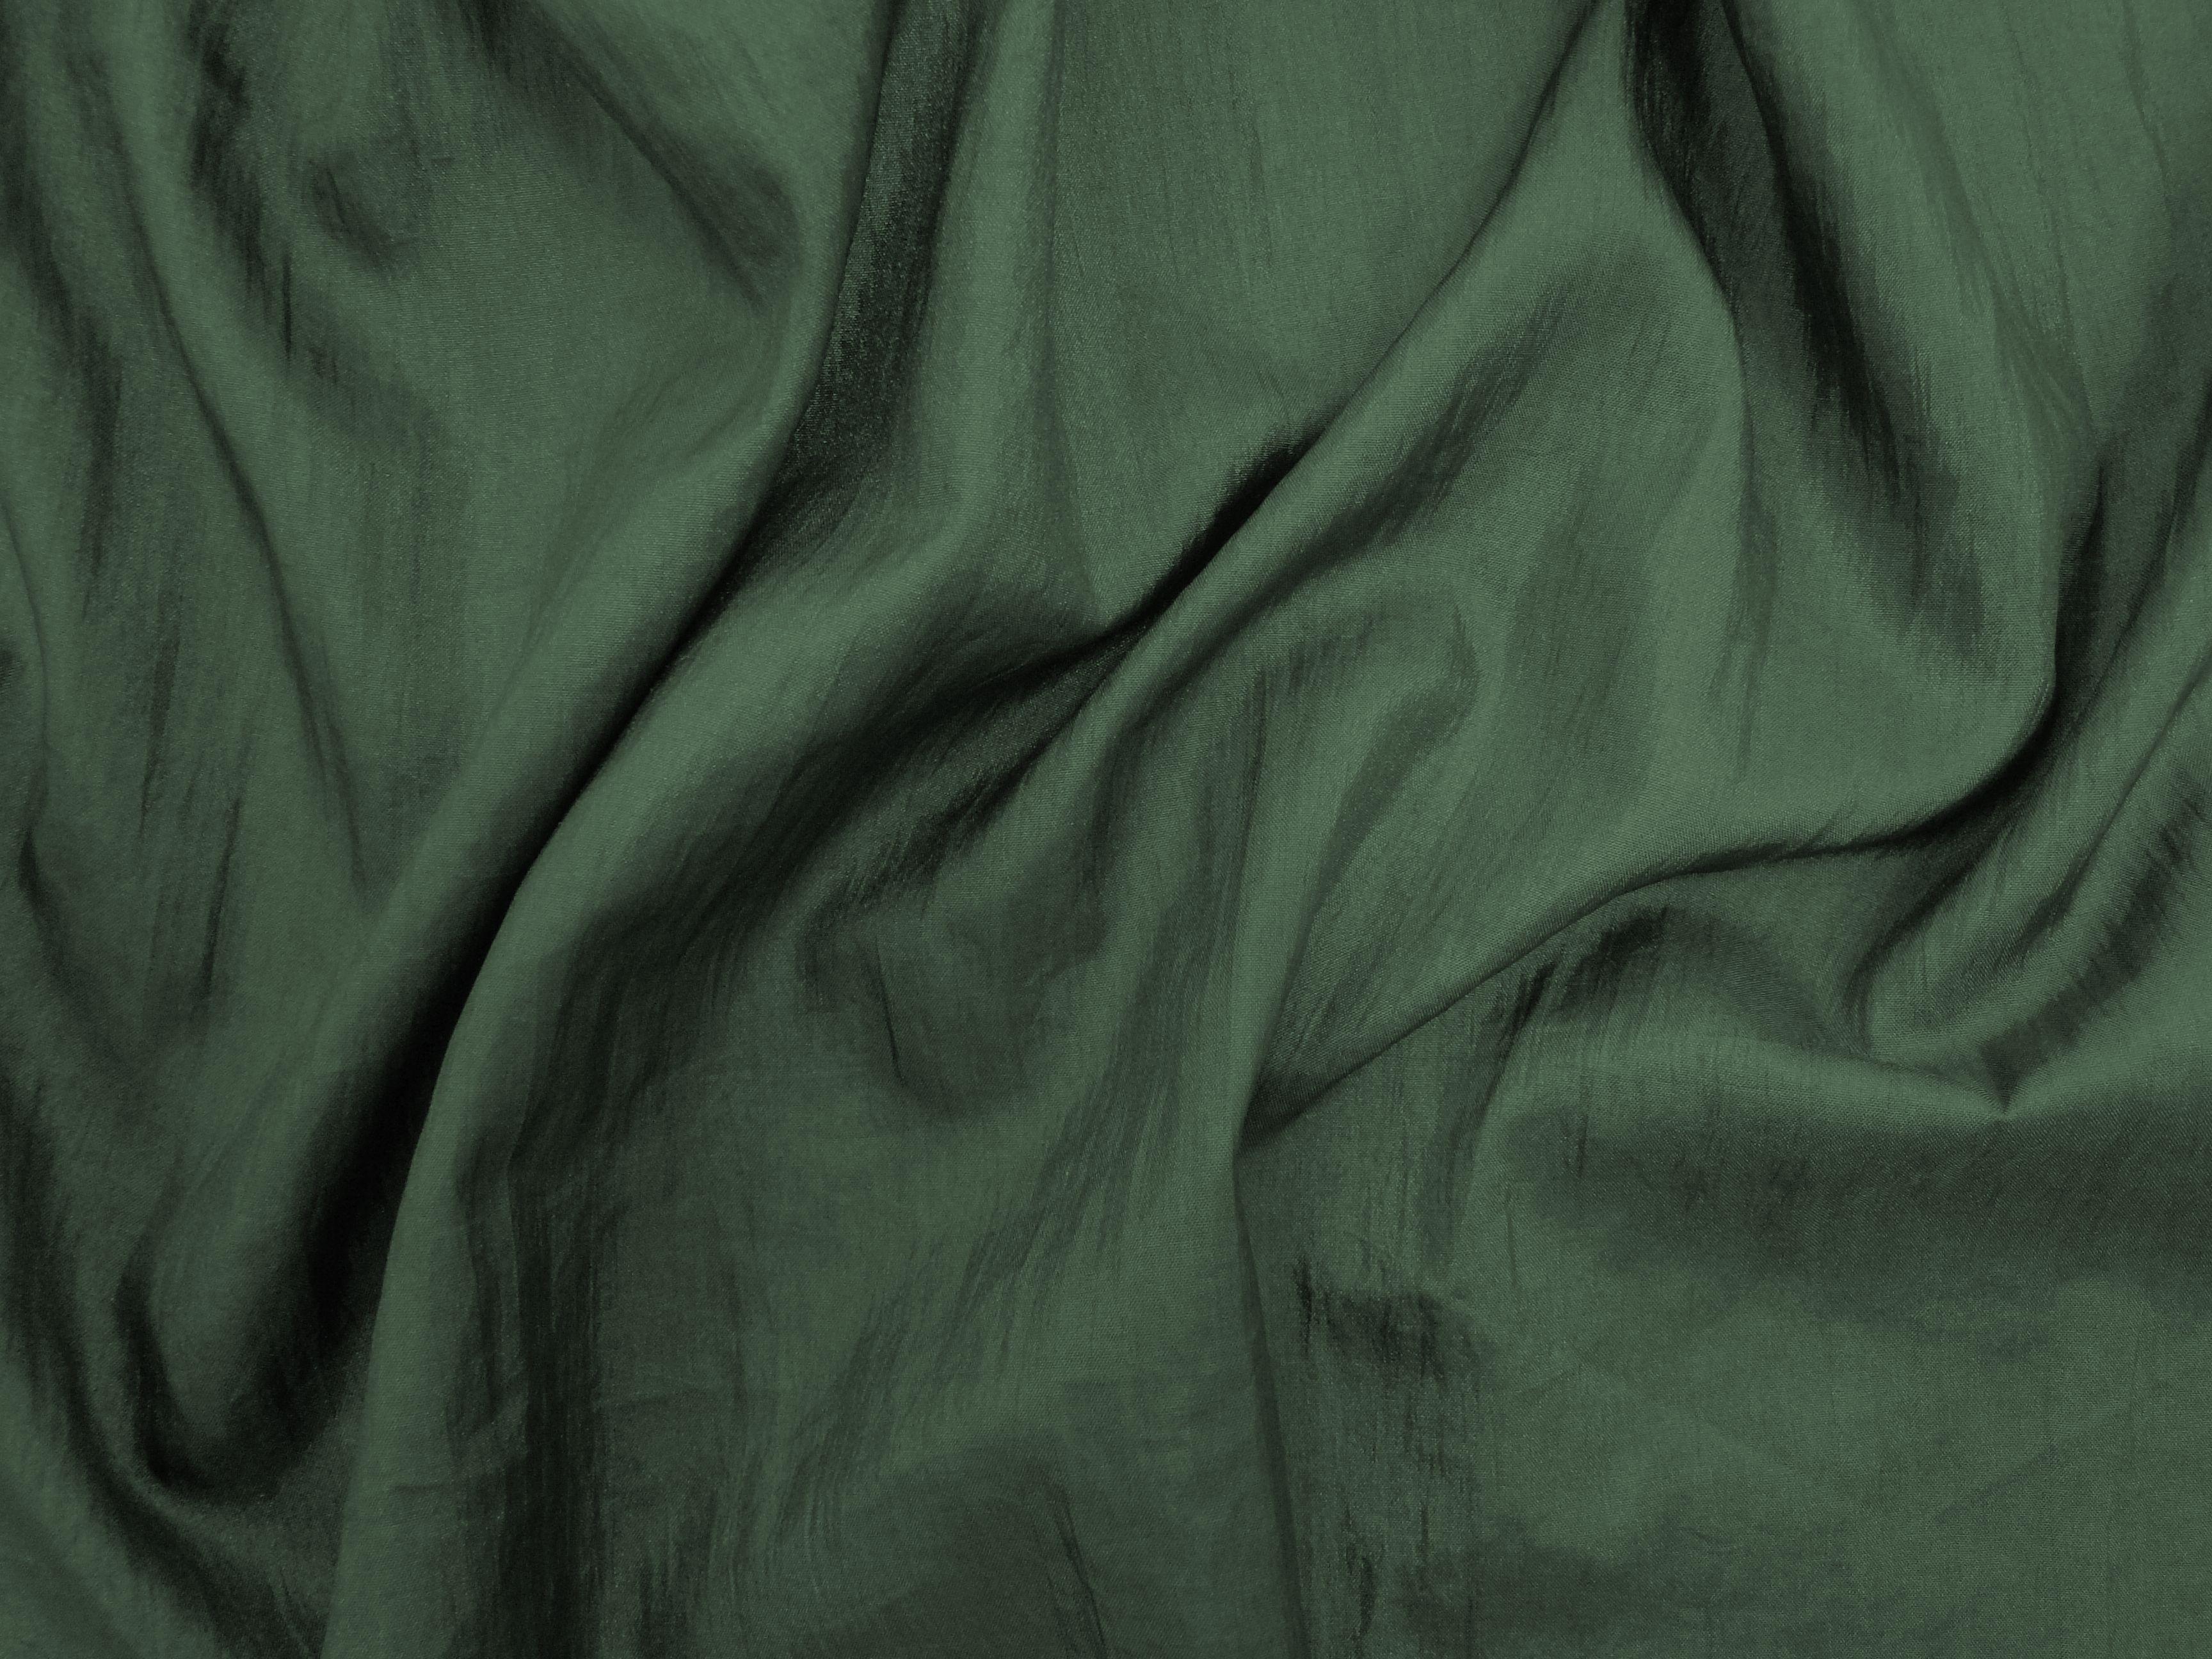 Hightech (Safari). Tecido leve, com brilho acetinado, superfície com suave efeito de amassado. Ideal para looks festa.  Sugestão para confeccionar: vestidos de festa, saias, blusas, entre outros.